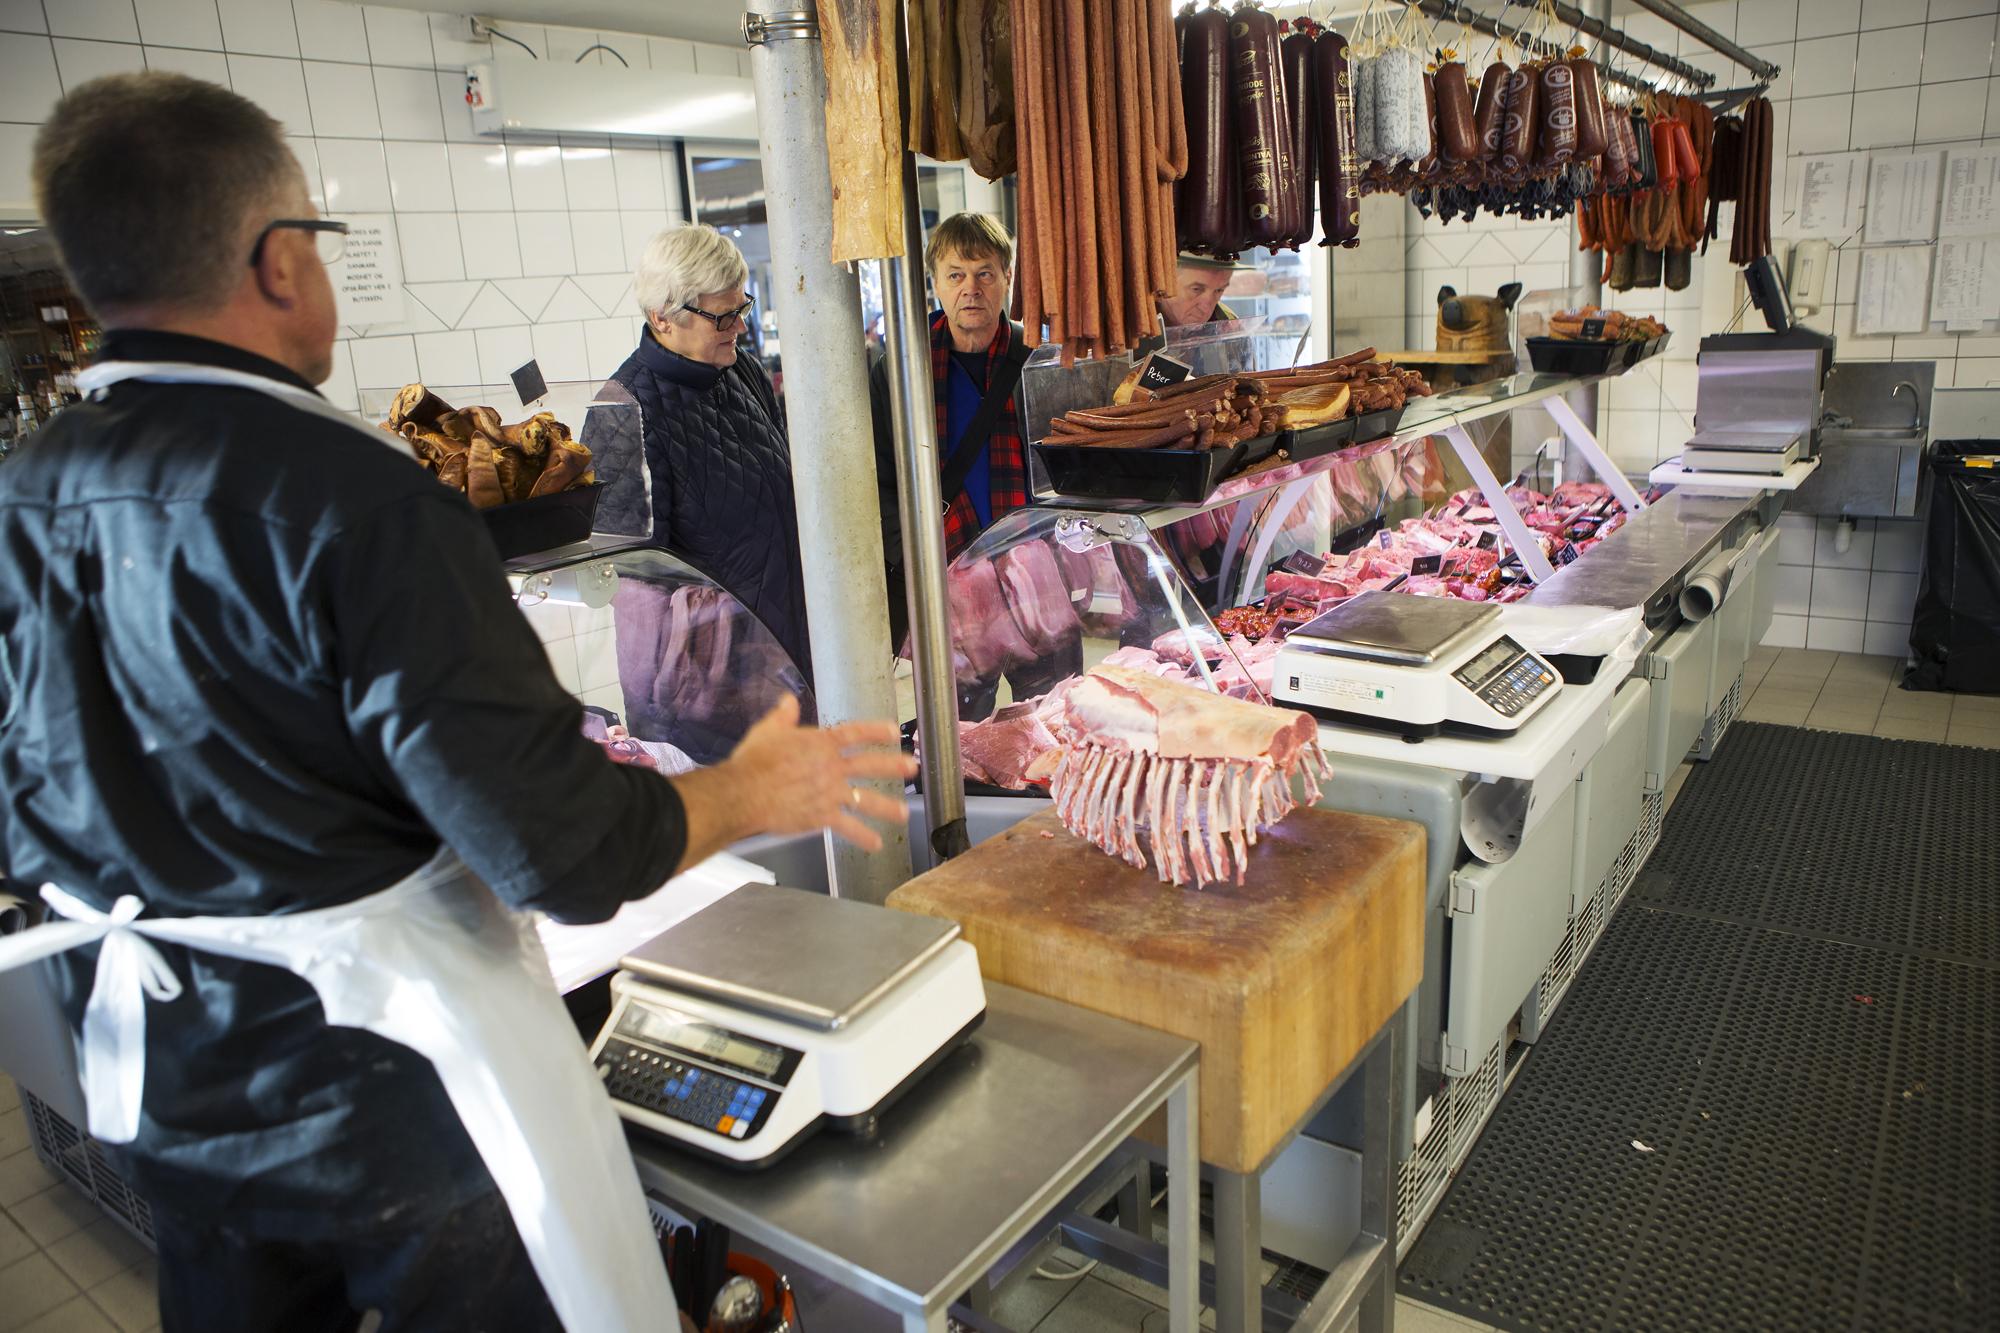 Skovgaard Gårdbutik Og Landbrug, Them. Dato: 10.11.16 Foto: Claus Haagensen